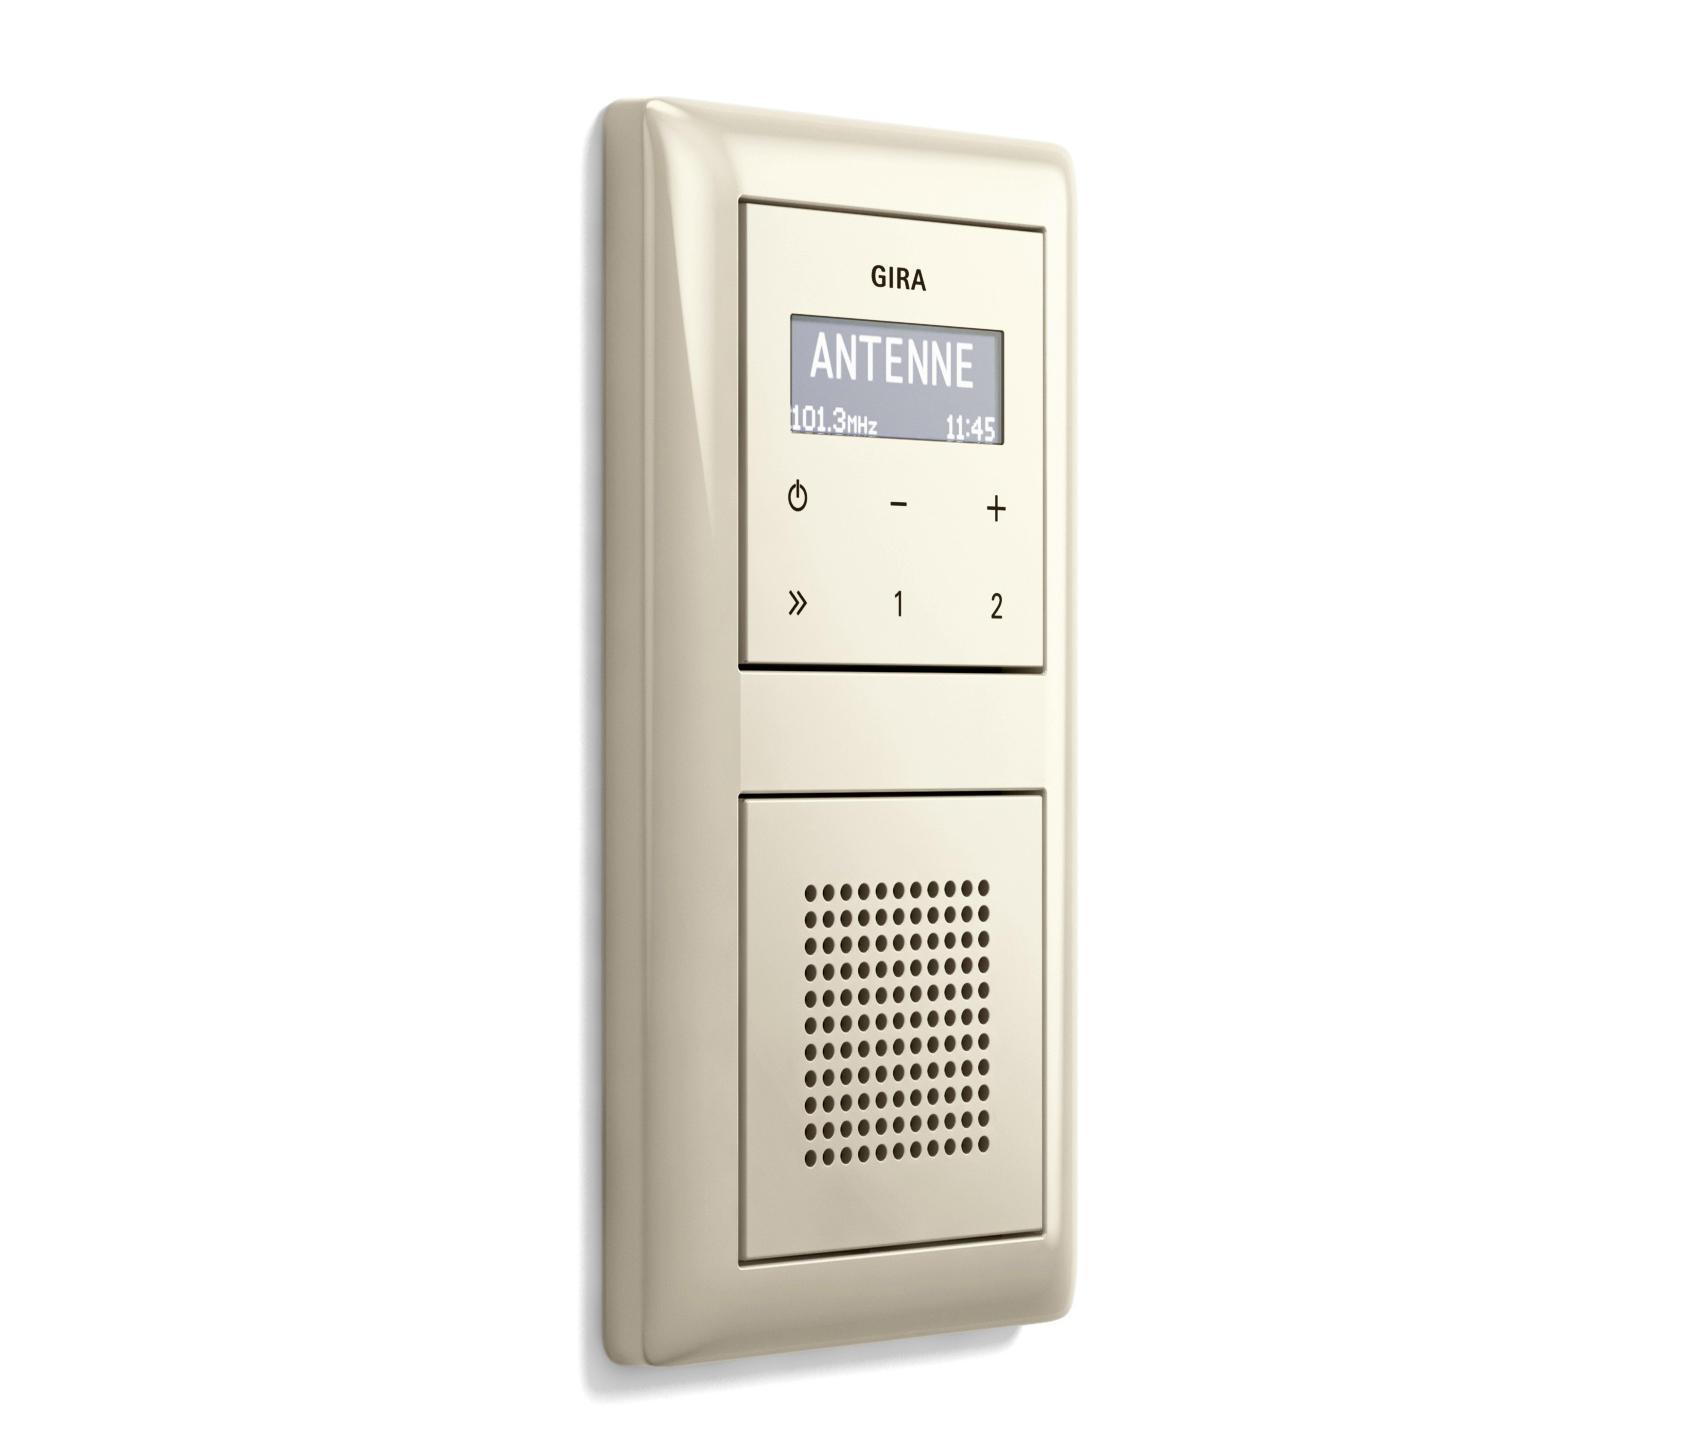 unterputz radio rds standard 55 radiosysteme von gira architonic. Black Bedroom Furniture Sets. Home Design Ideas